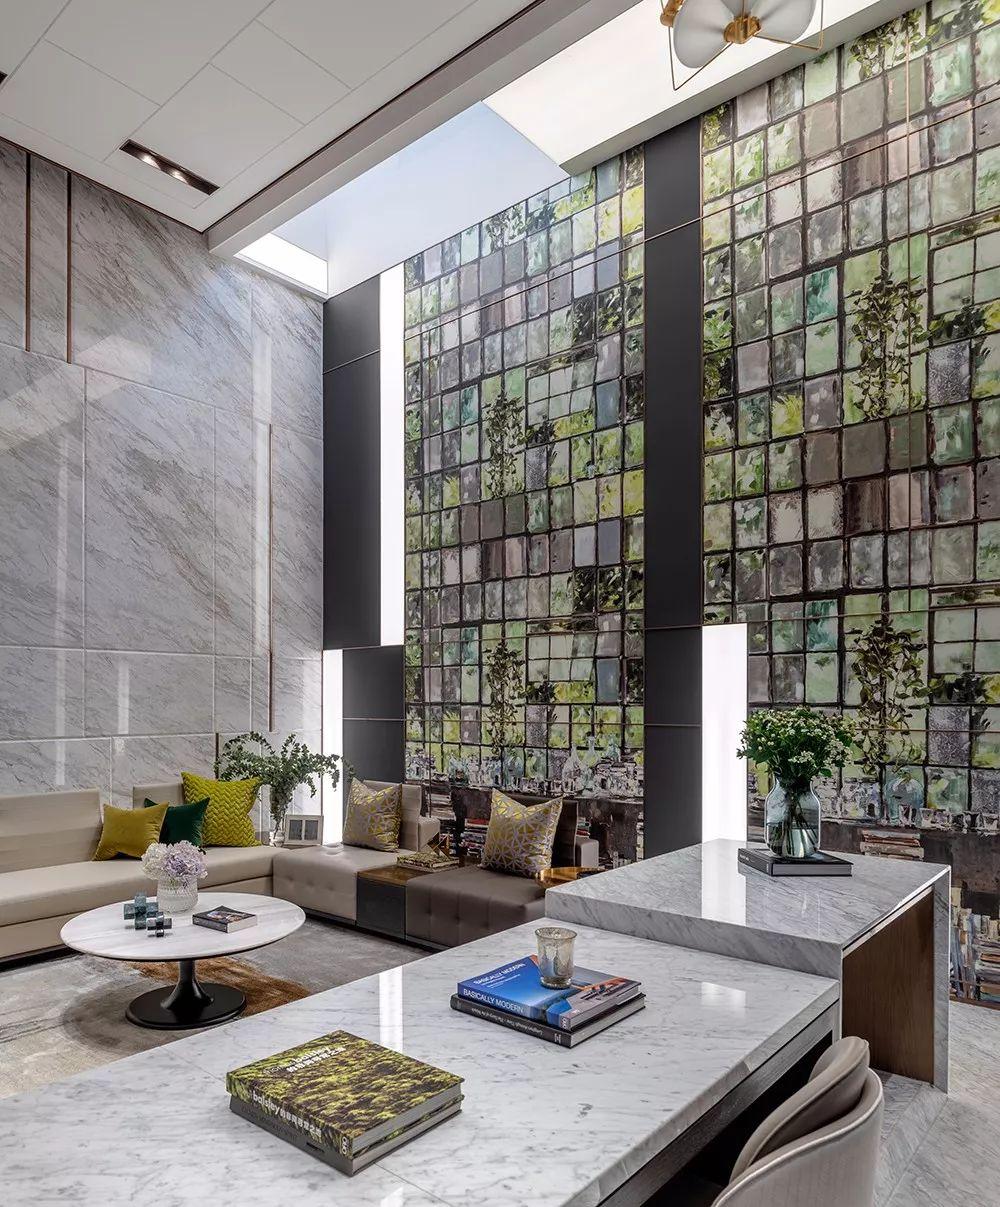 广州翰霖院设计-美上天的样板间